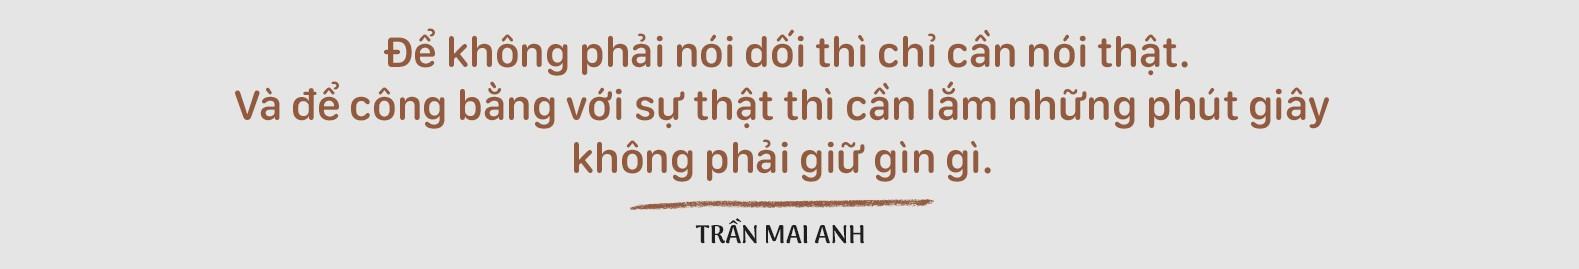 Nhà báo Trần Mai Anh: Nỗi đau, nước mắt, oan ức, bình an và tình yêu vô điều kiện của Thiện Nhân - Ảnh 19.